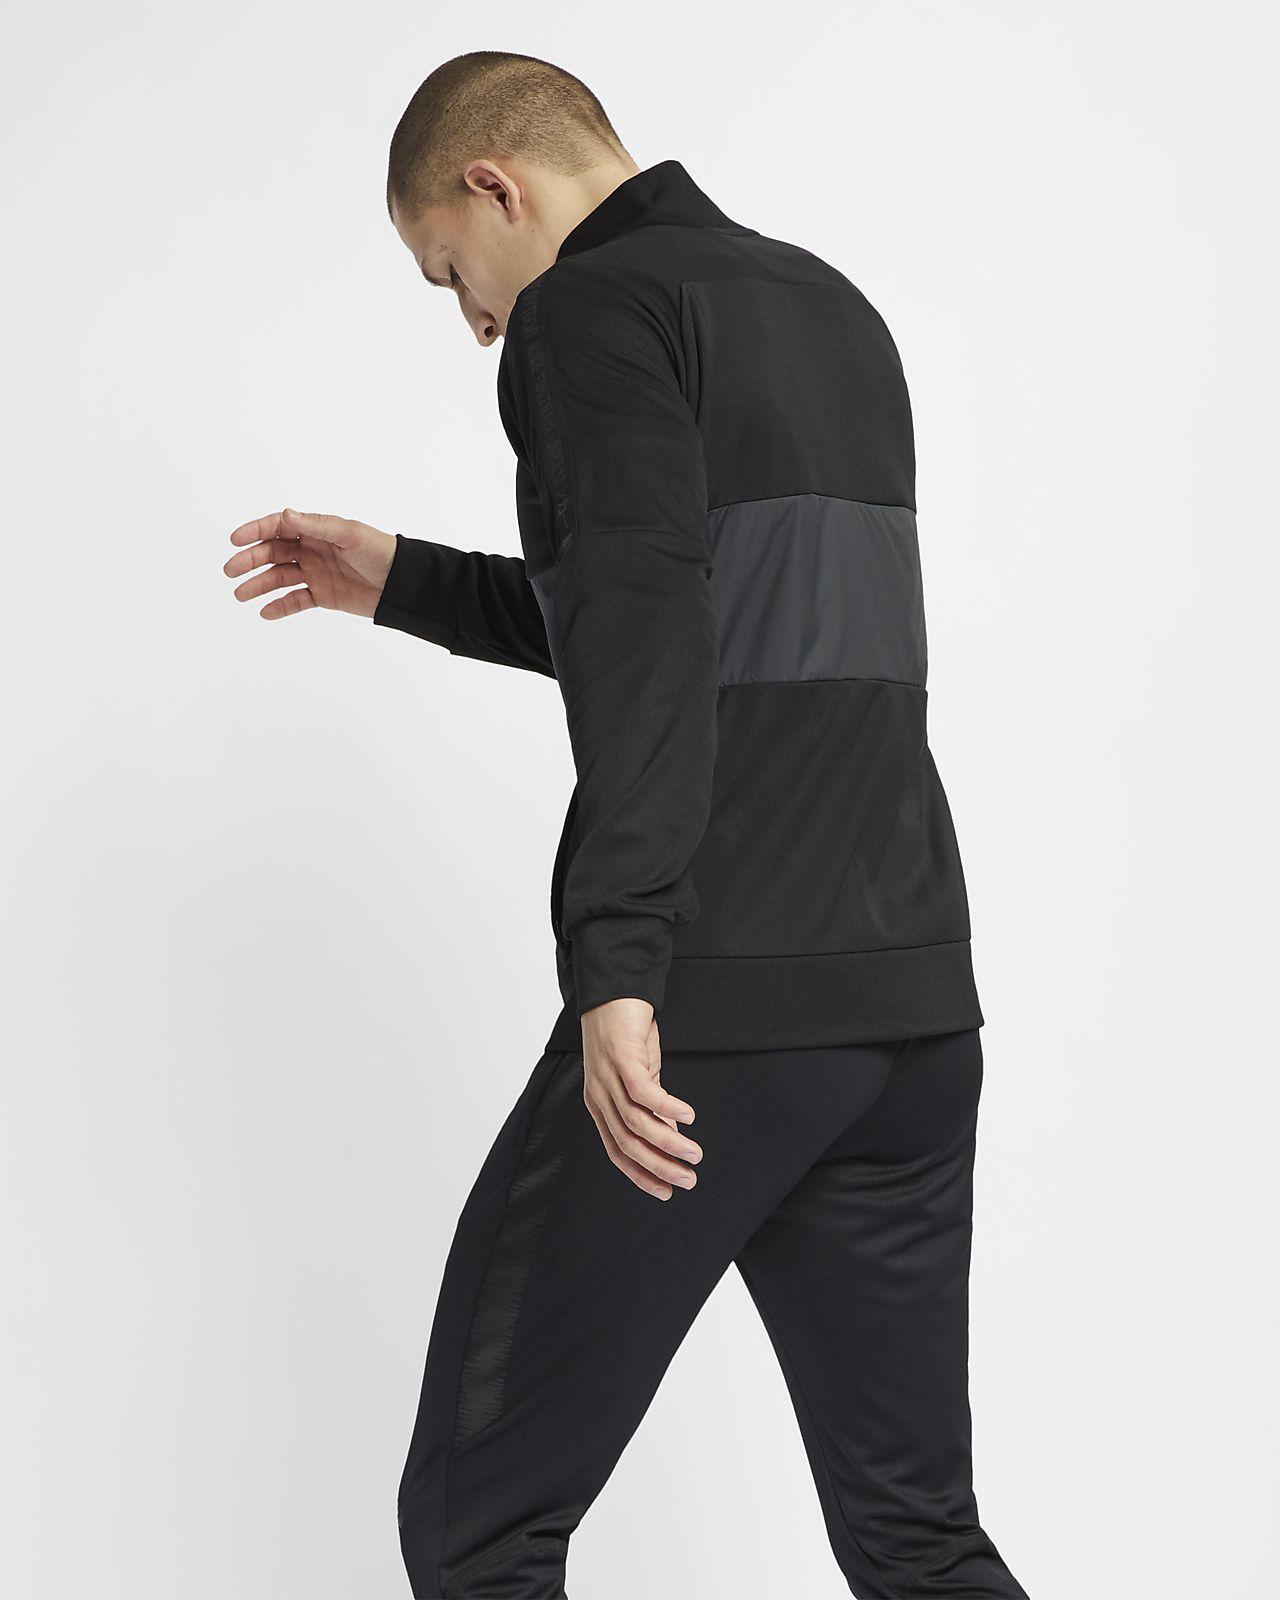 793a217aa6 Casaco de treino de futebol Nike F.C. para homem. Nike.com PT